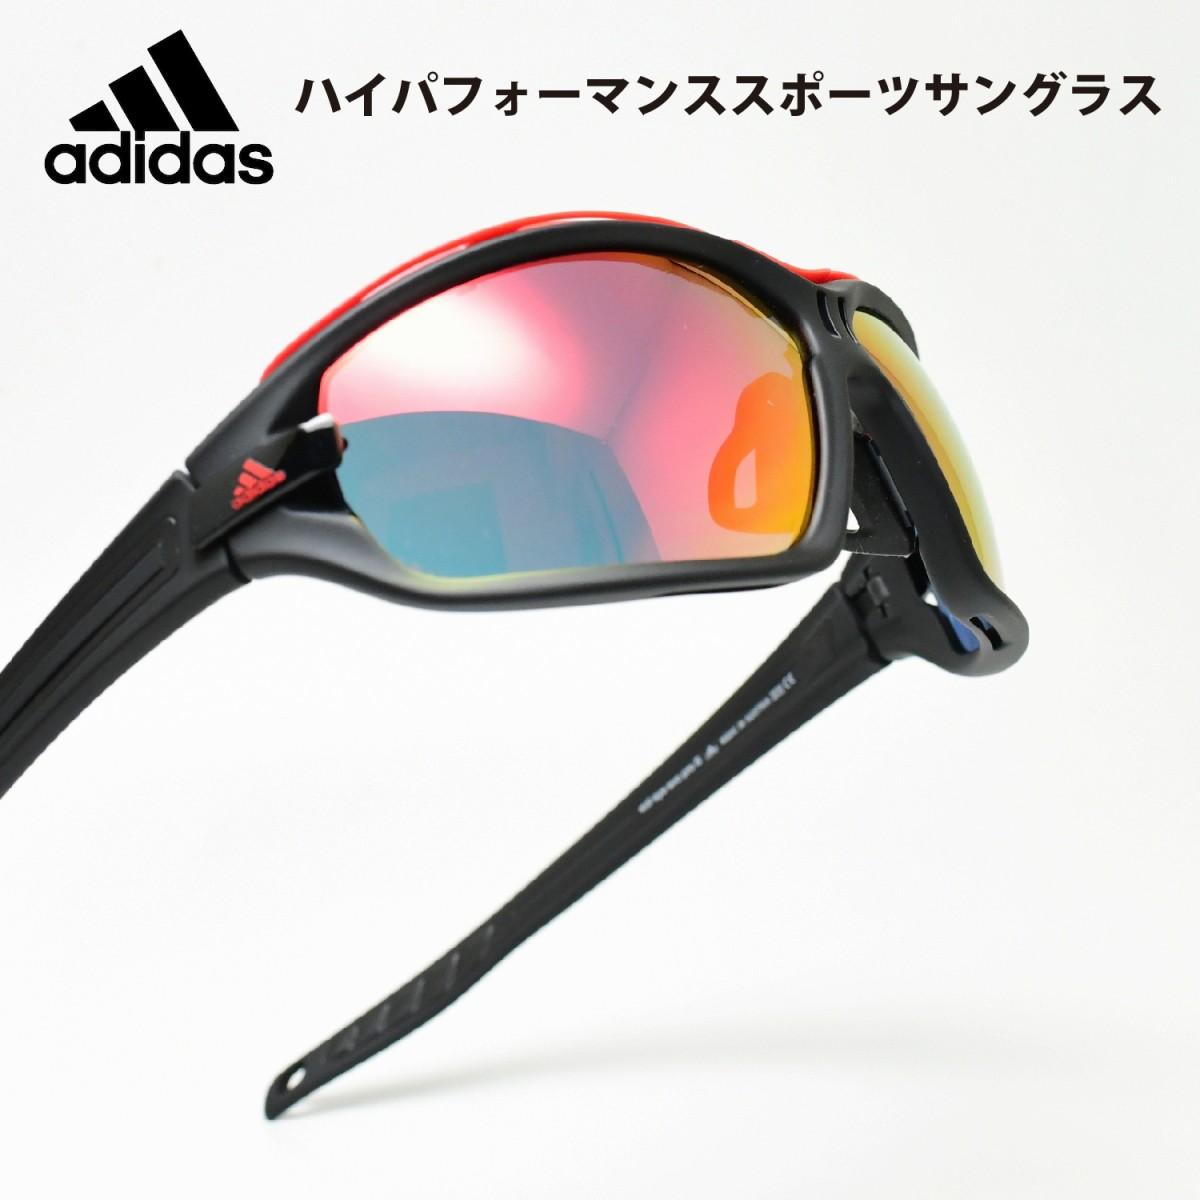 adidas アディダスevileye evo pro S イービルアイ エボ プロ Sマットブラック/グレーレッドミラーHアウトレットSALE価格!!